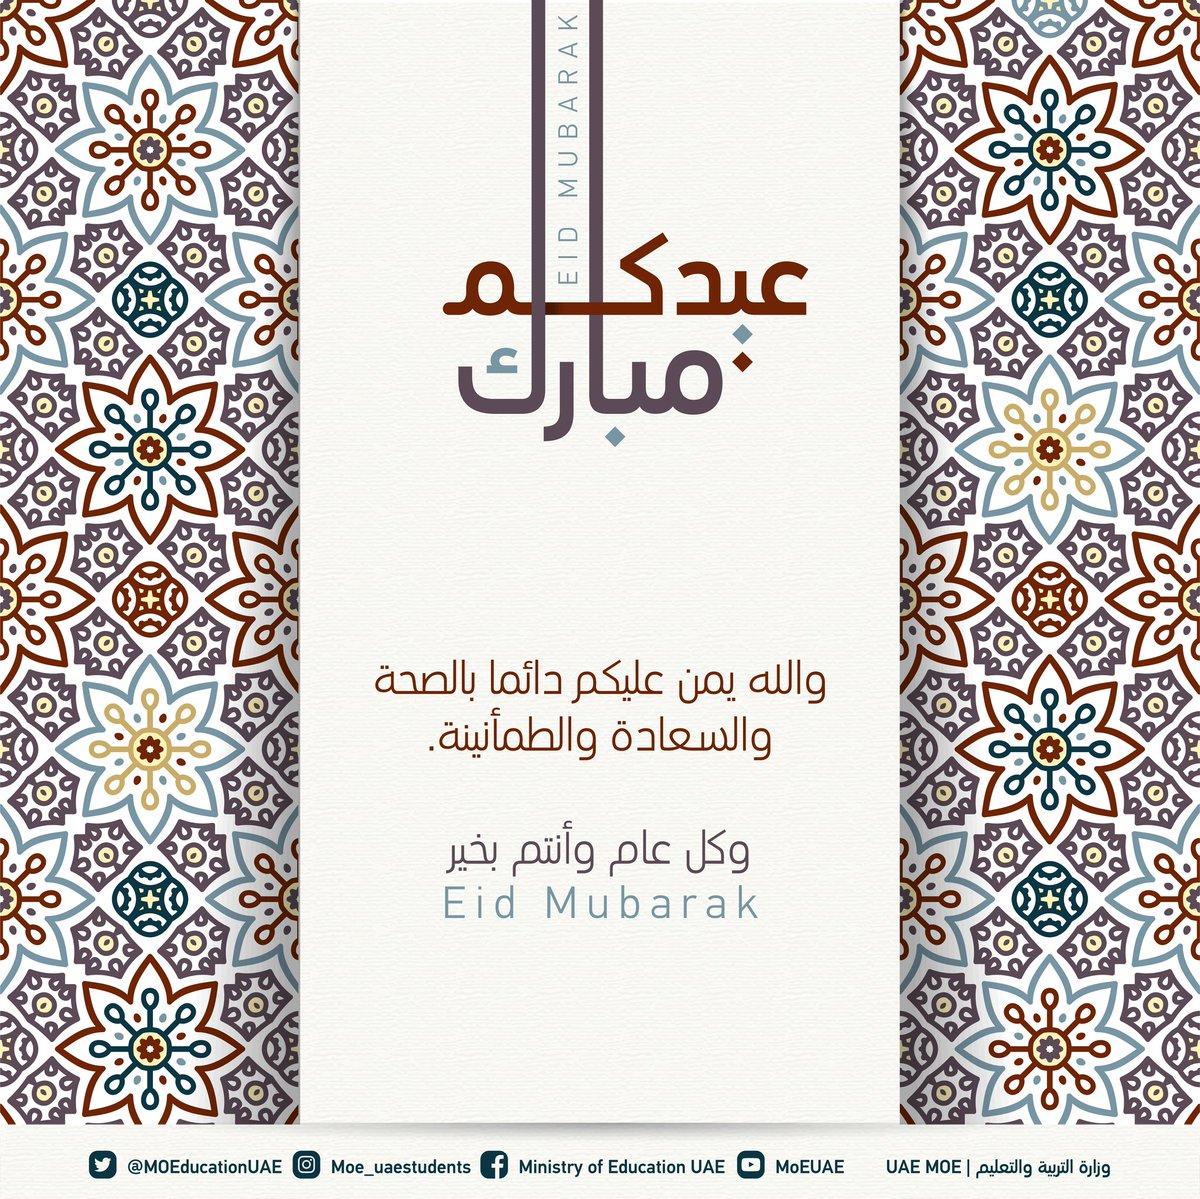 عيدكم مبارك والله يمن عليكم دائما بالصحة والسعادة والطمأنينة المعلمة أسماء